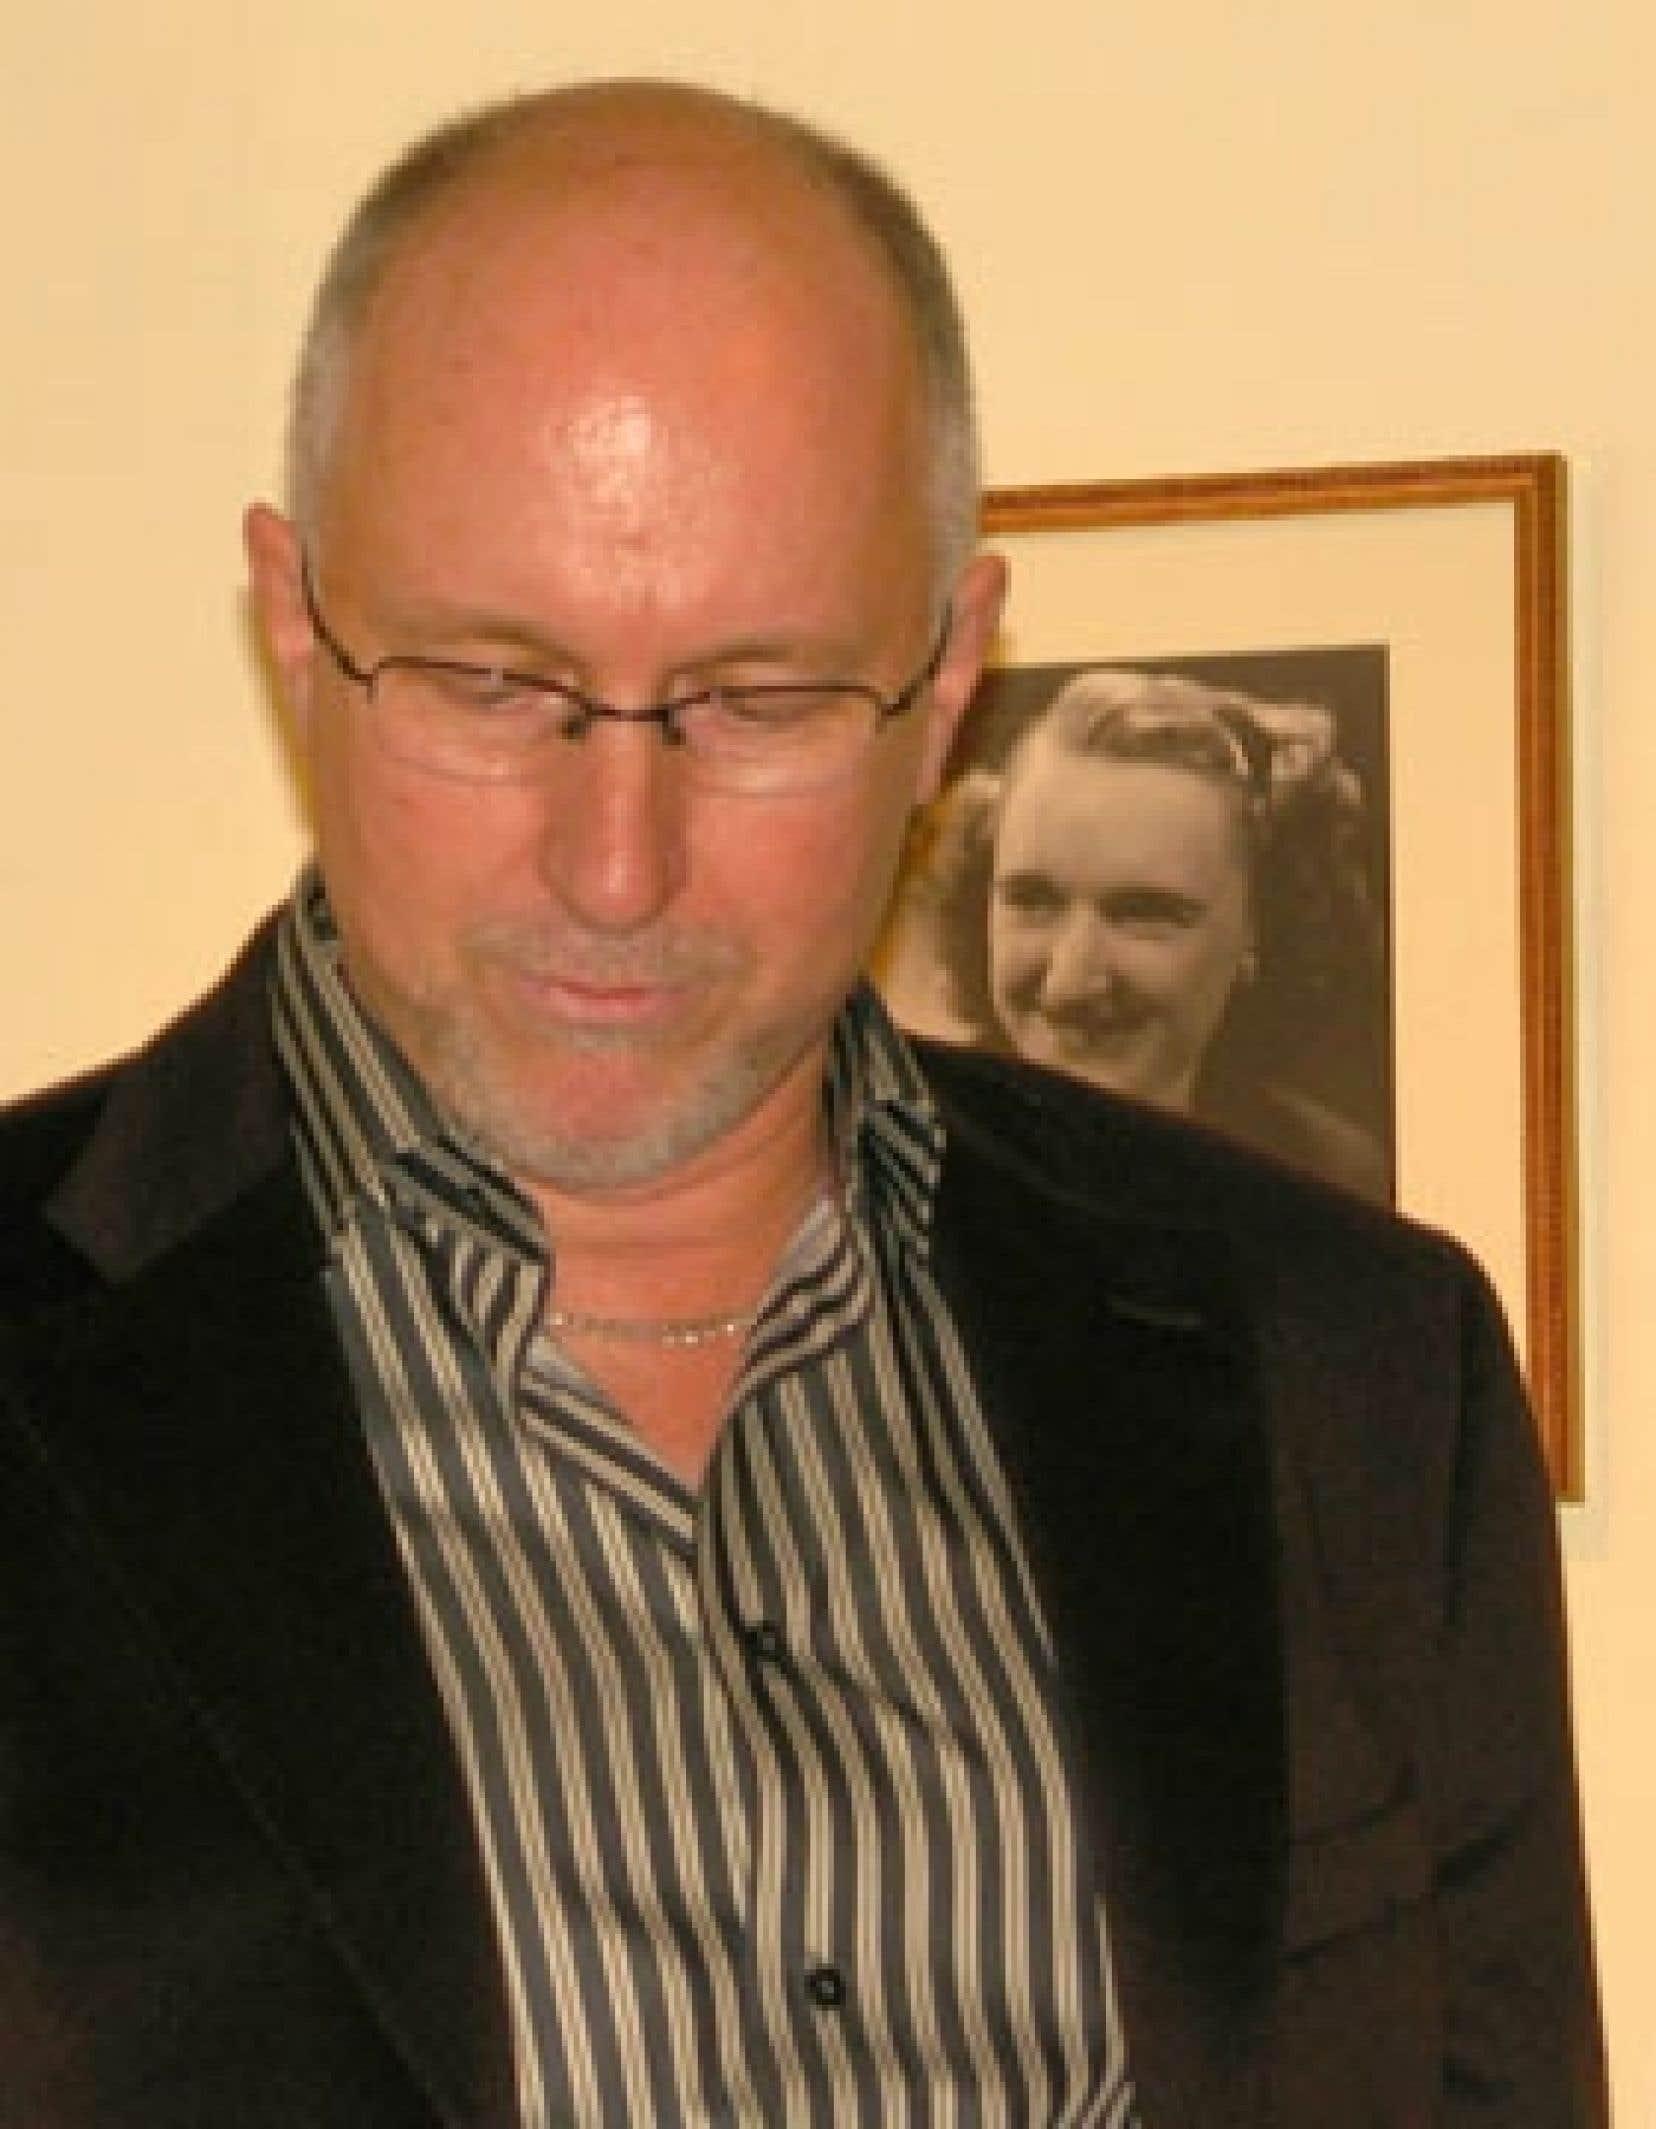 Gilles Chagnon devant le portrait de sa mère. Photo; Benoît Beaudoin